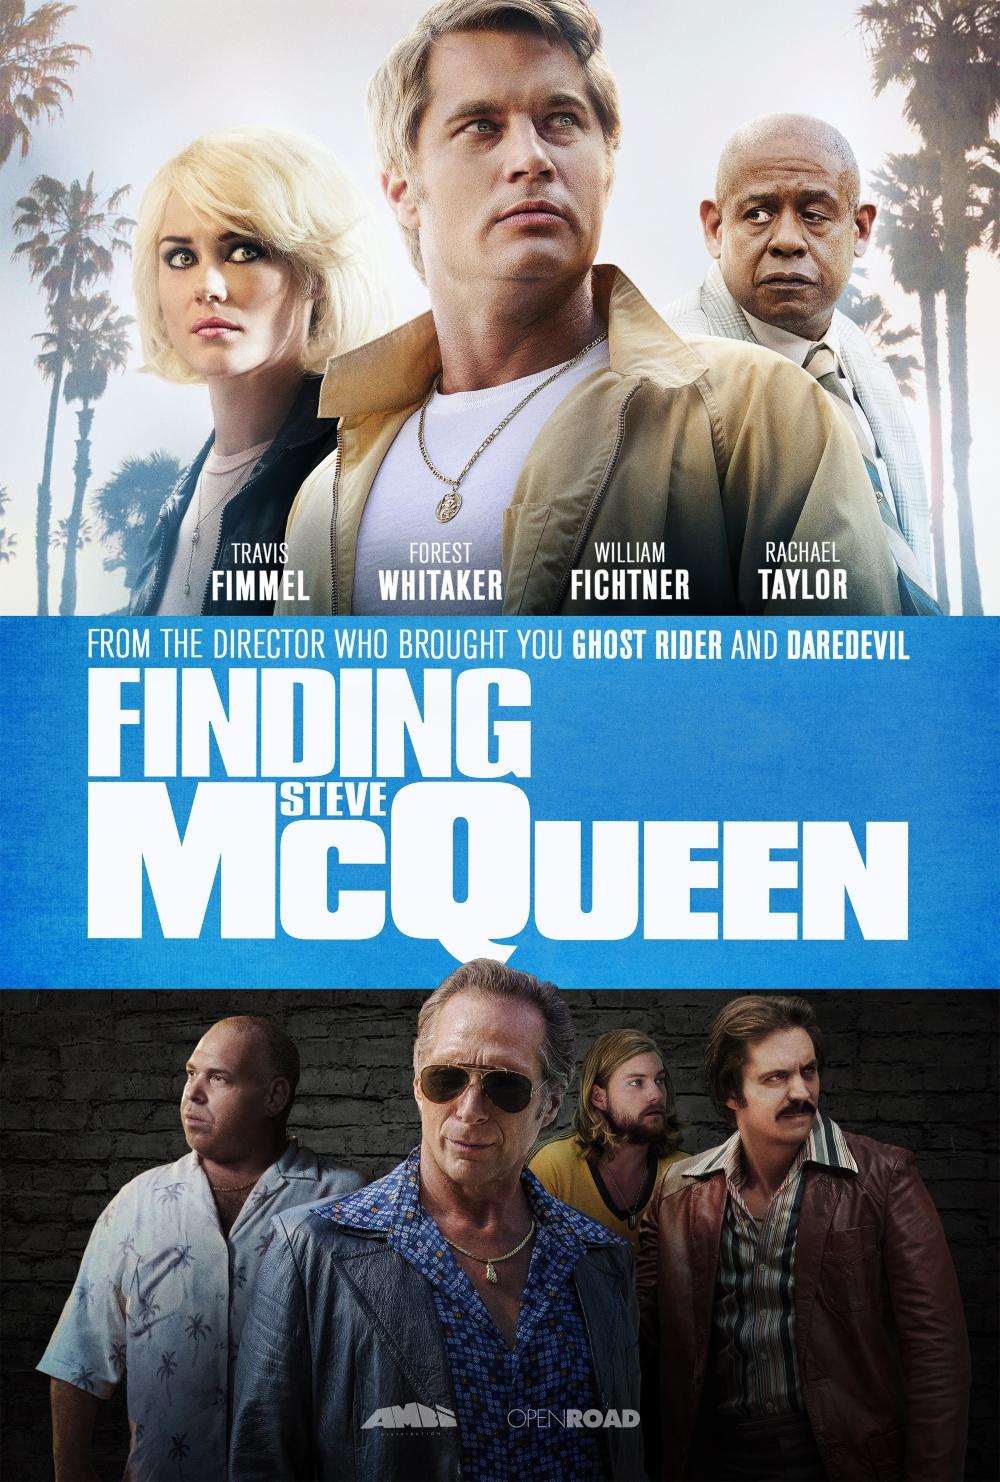 finding steve mcqueen movie teaser trailer